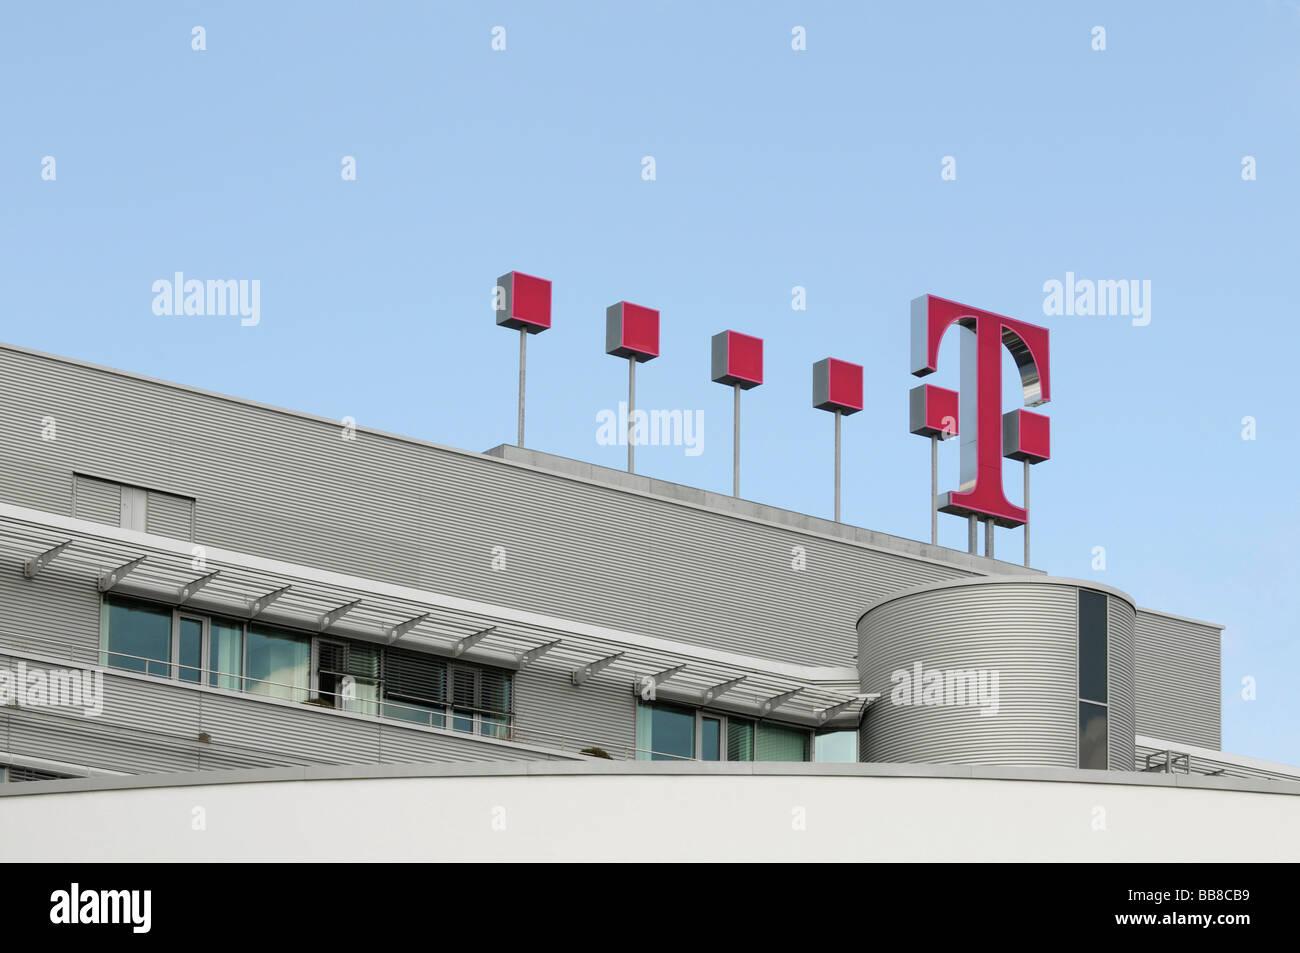 Società tedesca di telecomunicazioni, magenta logo alla facciata della sede di Bonn, Renania settentrionale Immagini Stock